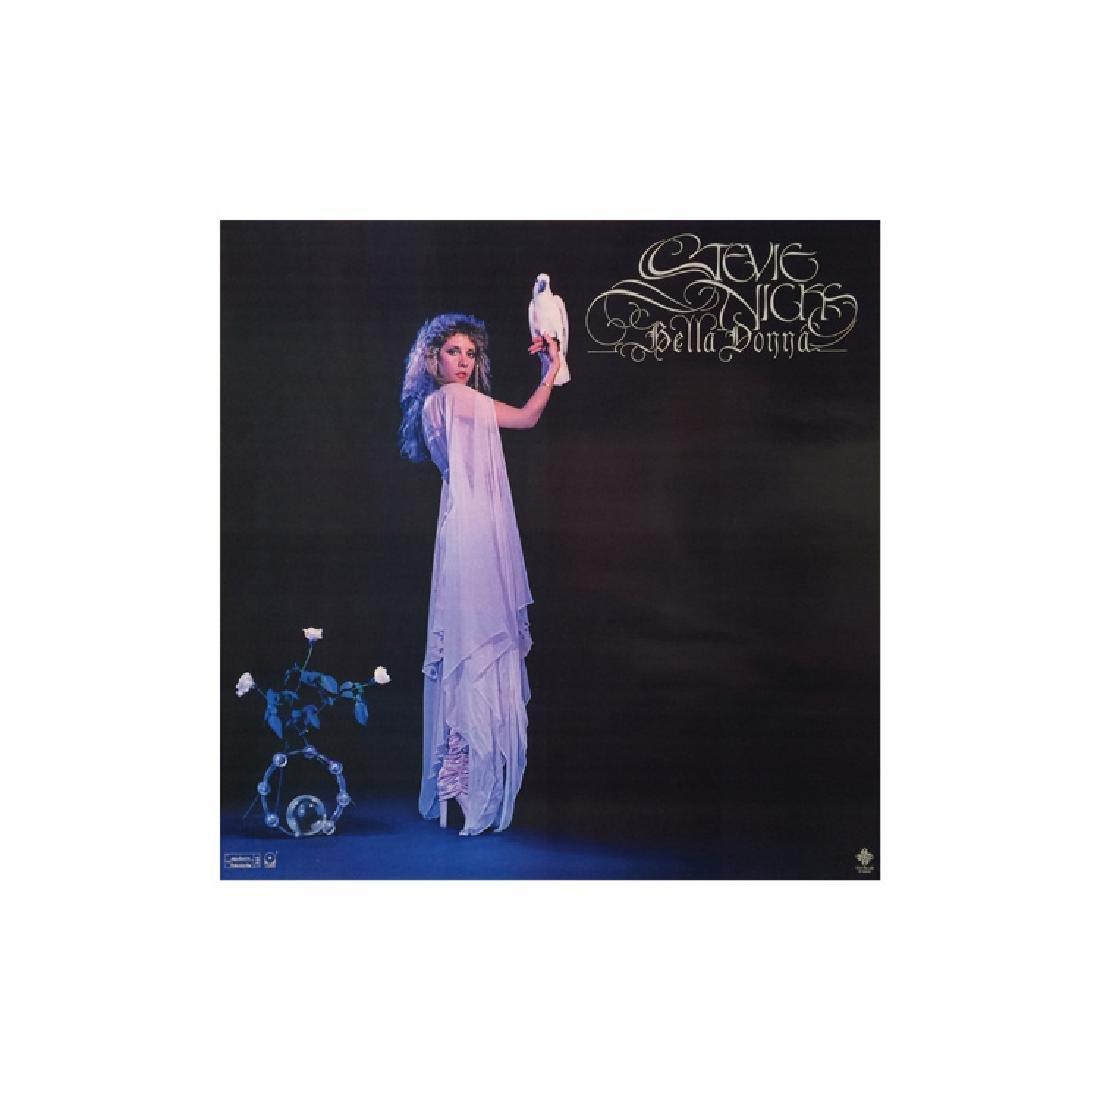 Stevie Nicks - Bella Donna - 1981 Promotional Poster